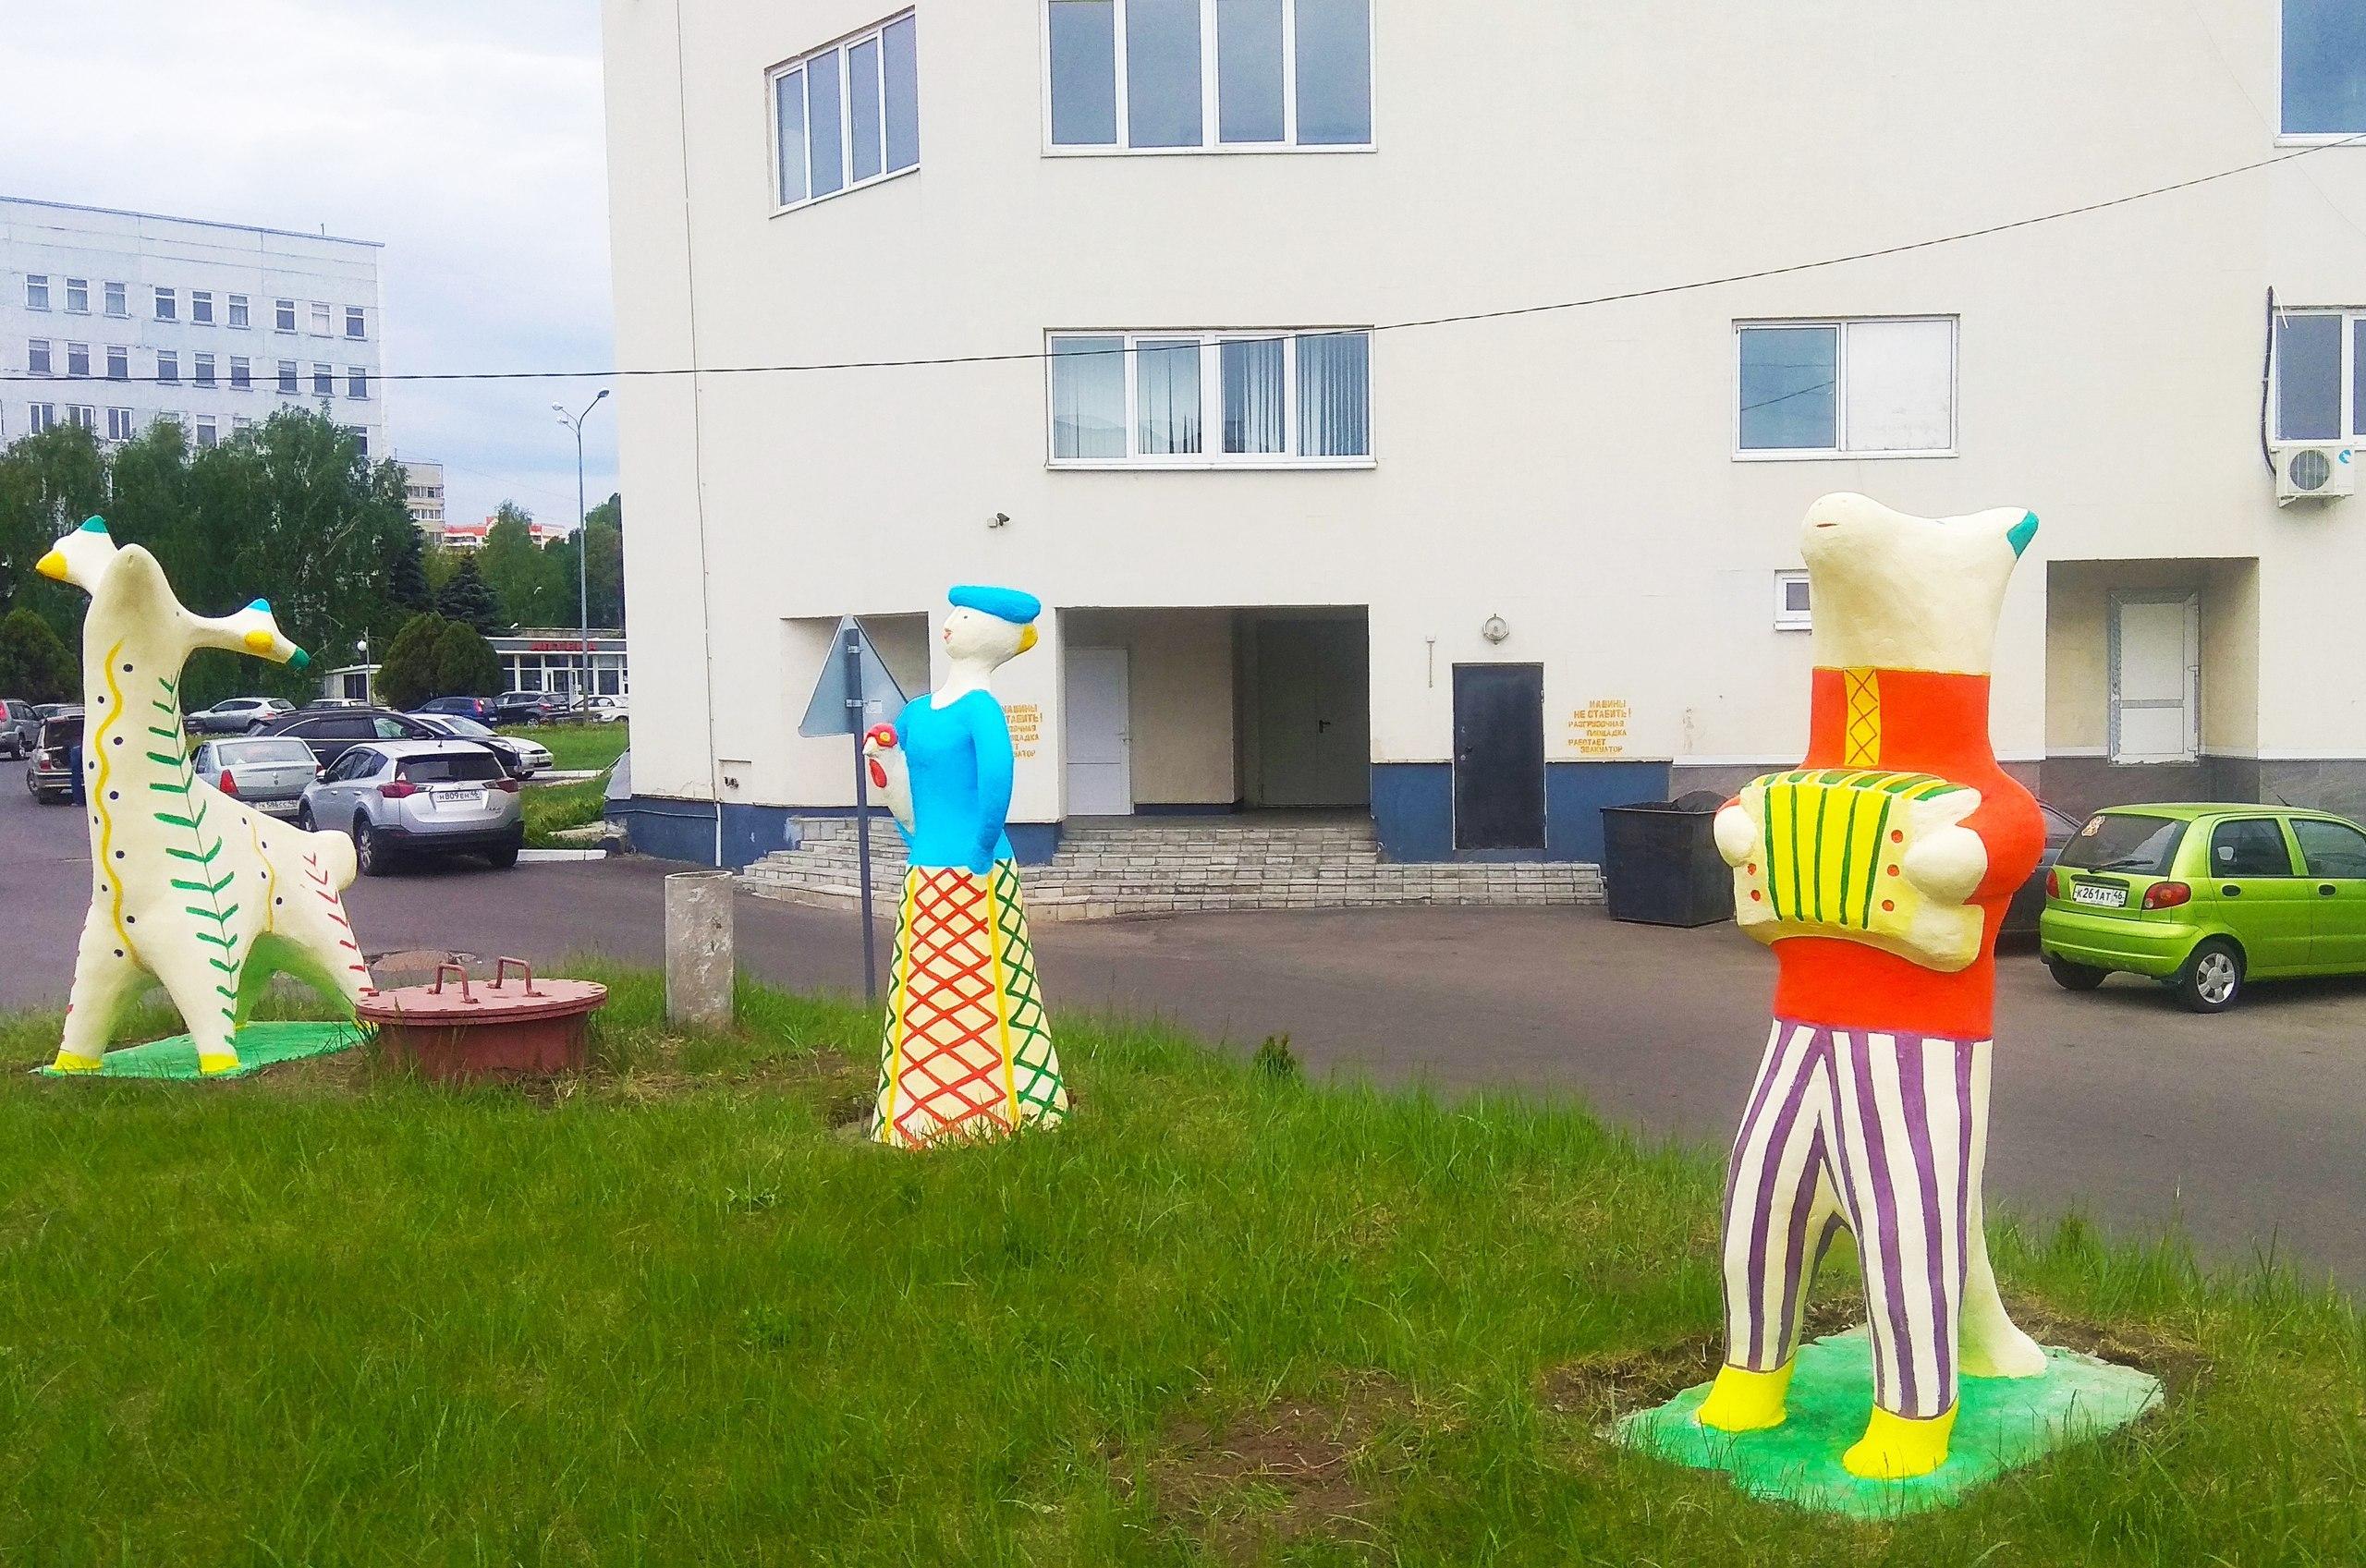 В Курчатове откроют музей кожлянской игрушки под открытым небом